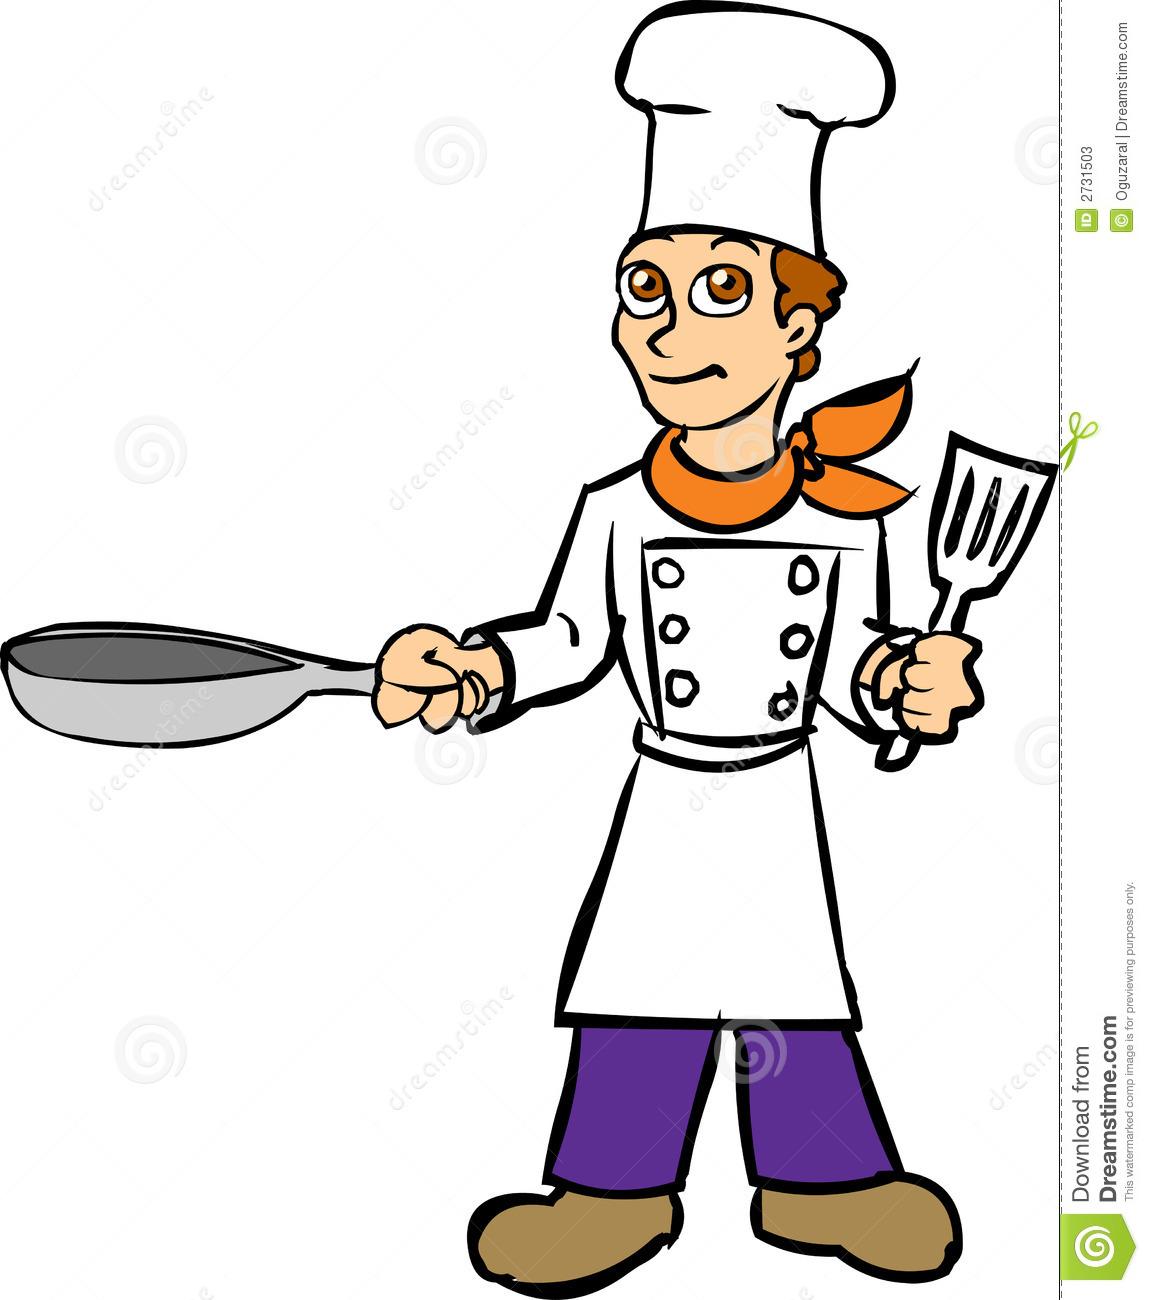 Fail clipart bad dream «Cook» you Interpretation which saw